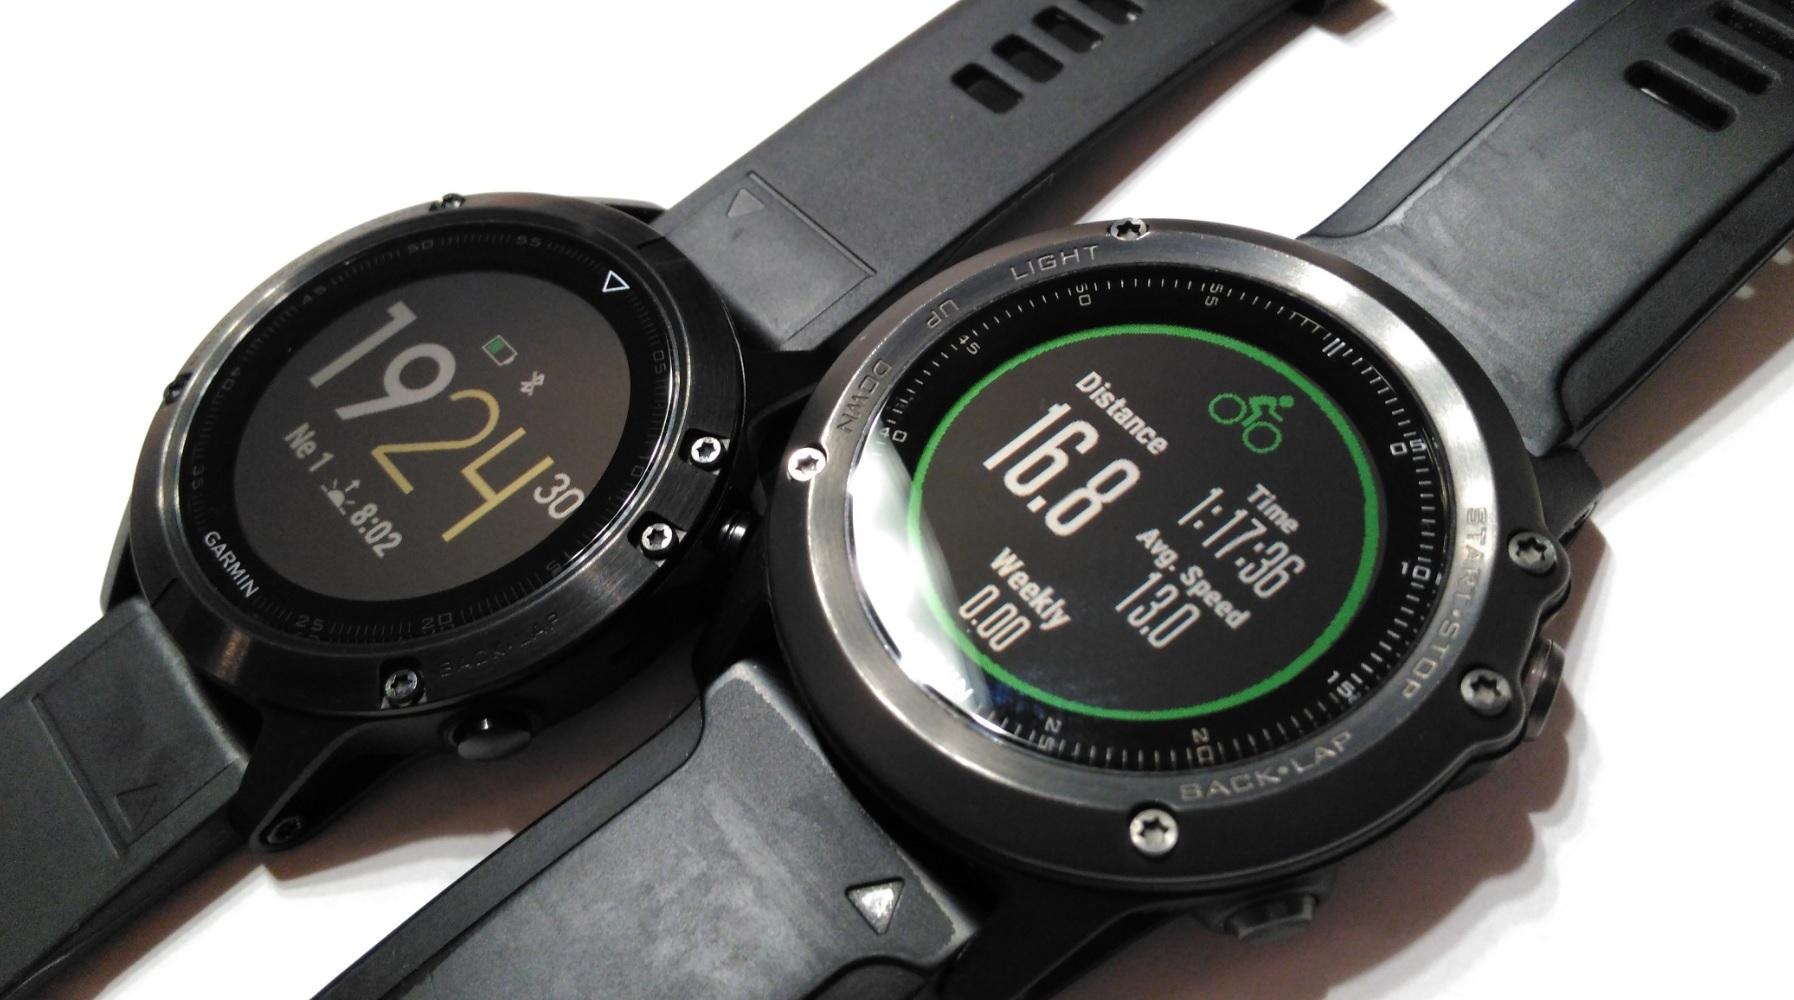 Chytré hodinky Garmin Fénix 5